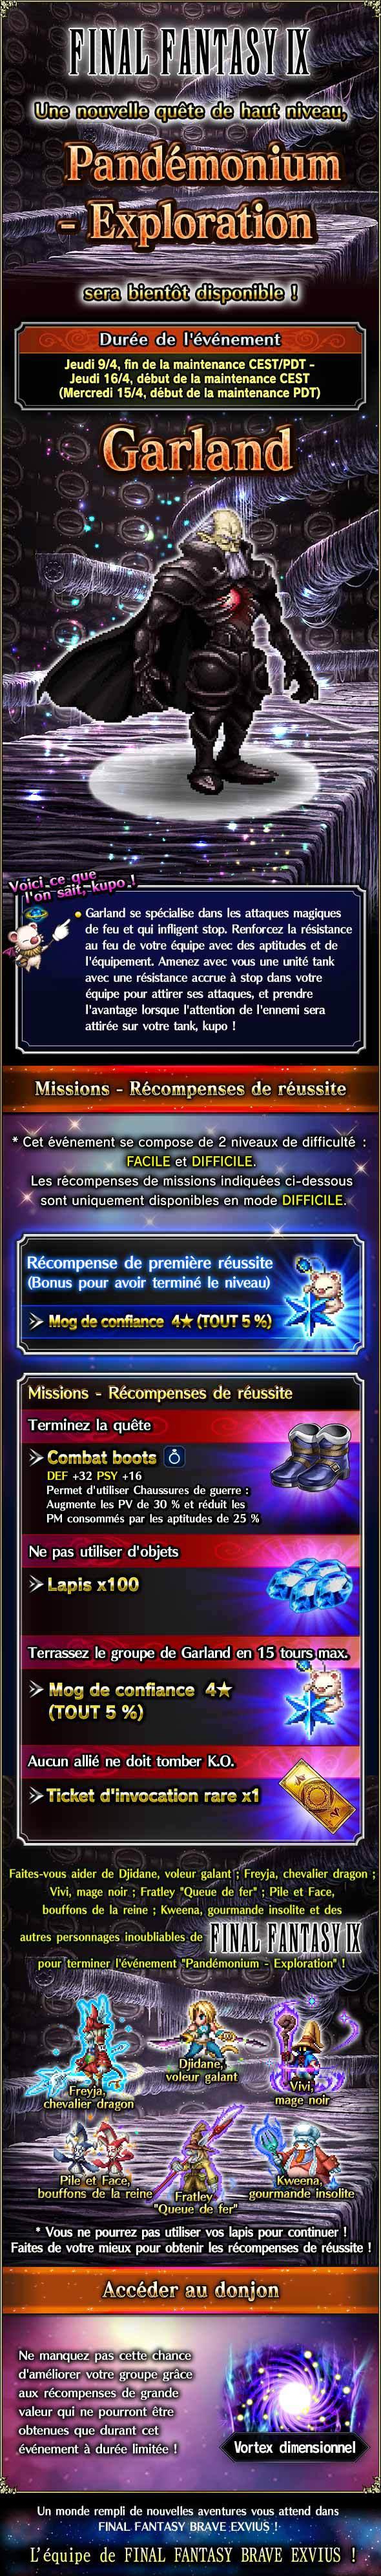 Trial MK FFIX - Pandemonium (Exploration) - du 09/04 au 16/04/20 20200407FFIXPandemonium